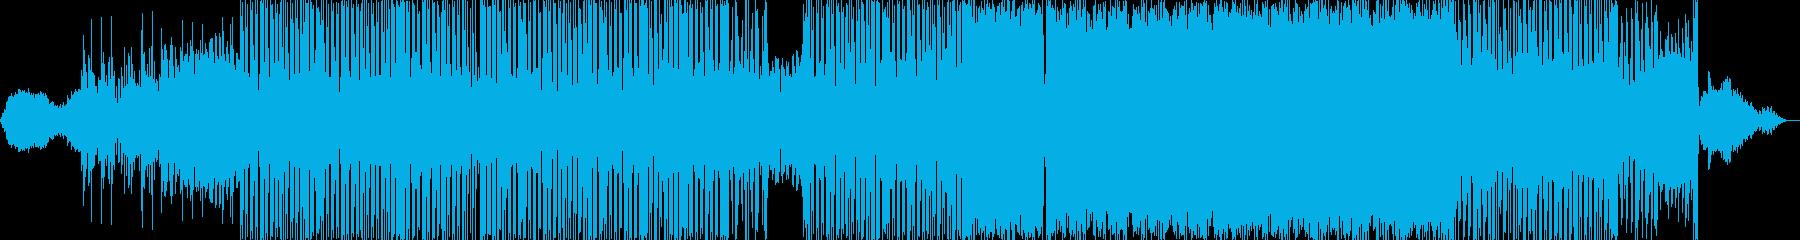 怪しげな雰囲気のブレイクビーツの再生済みの波形